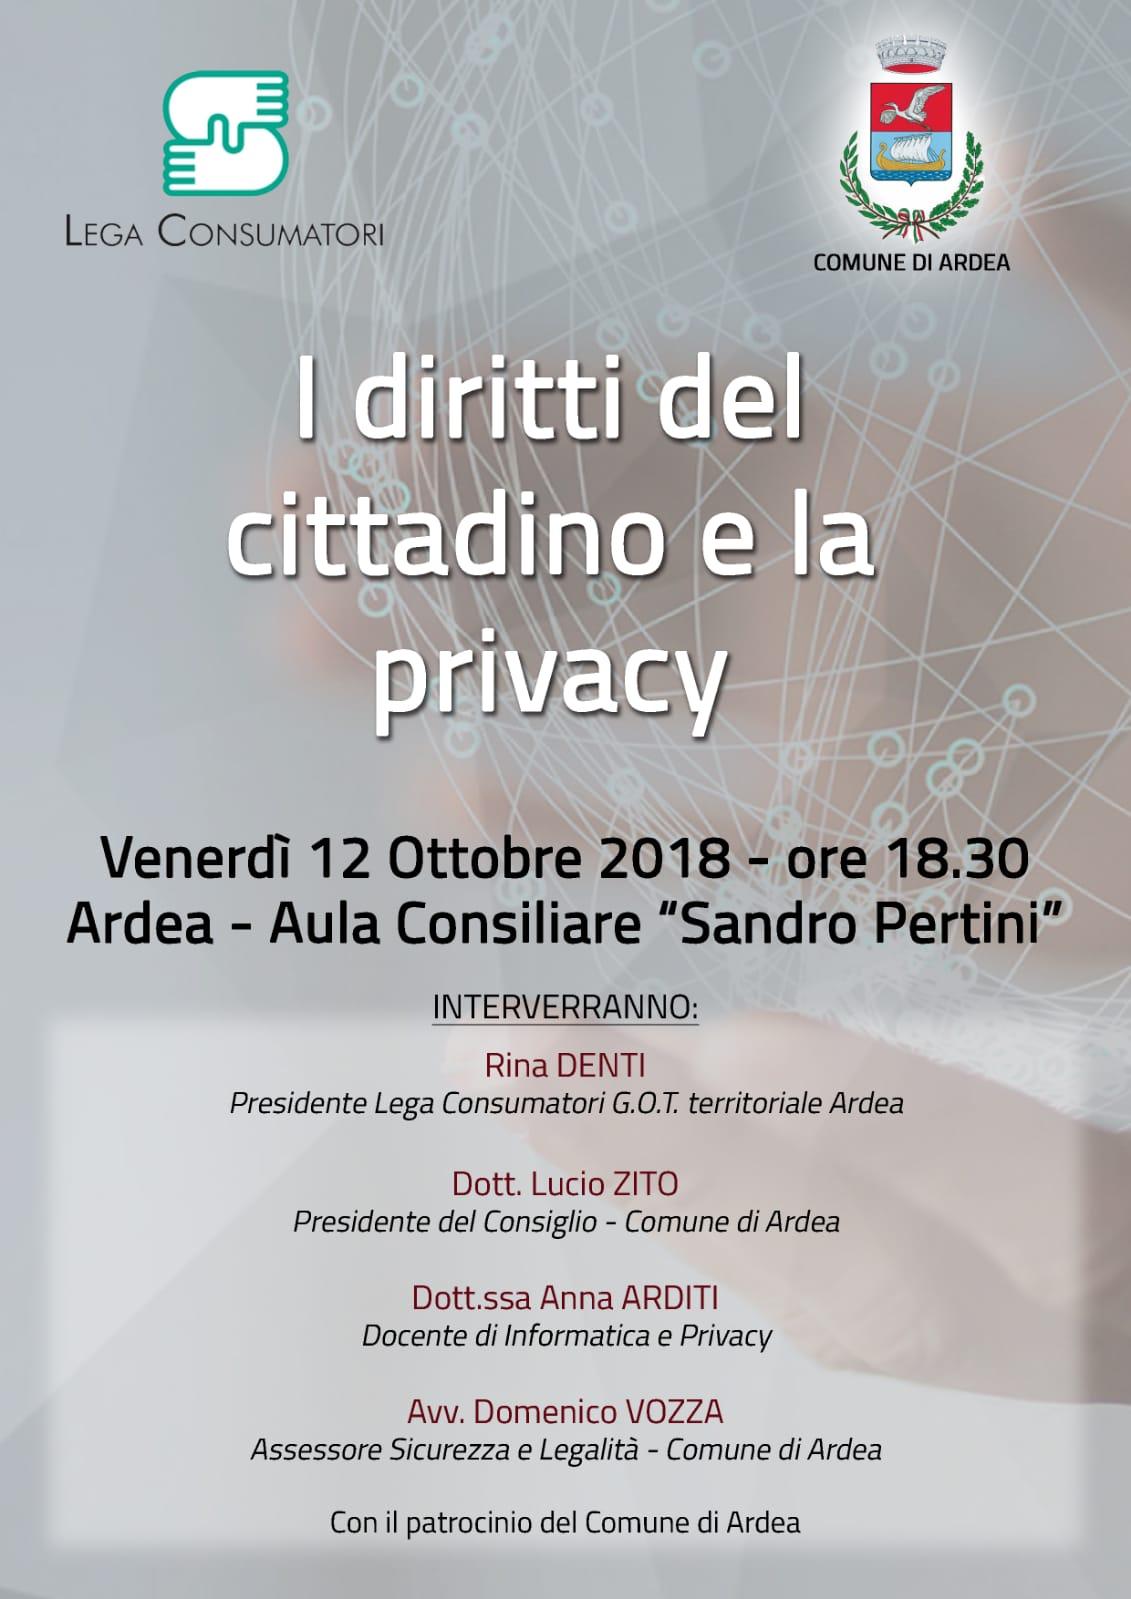 I diritti del cittadino e la privacy